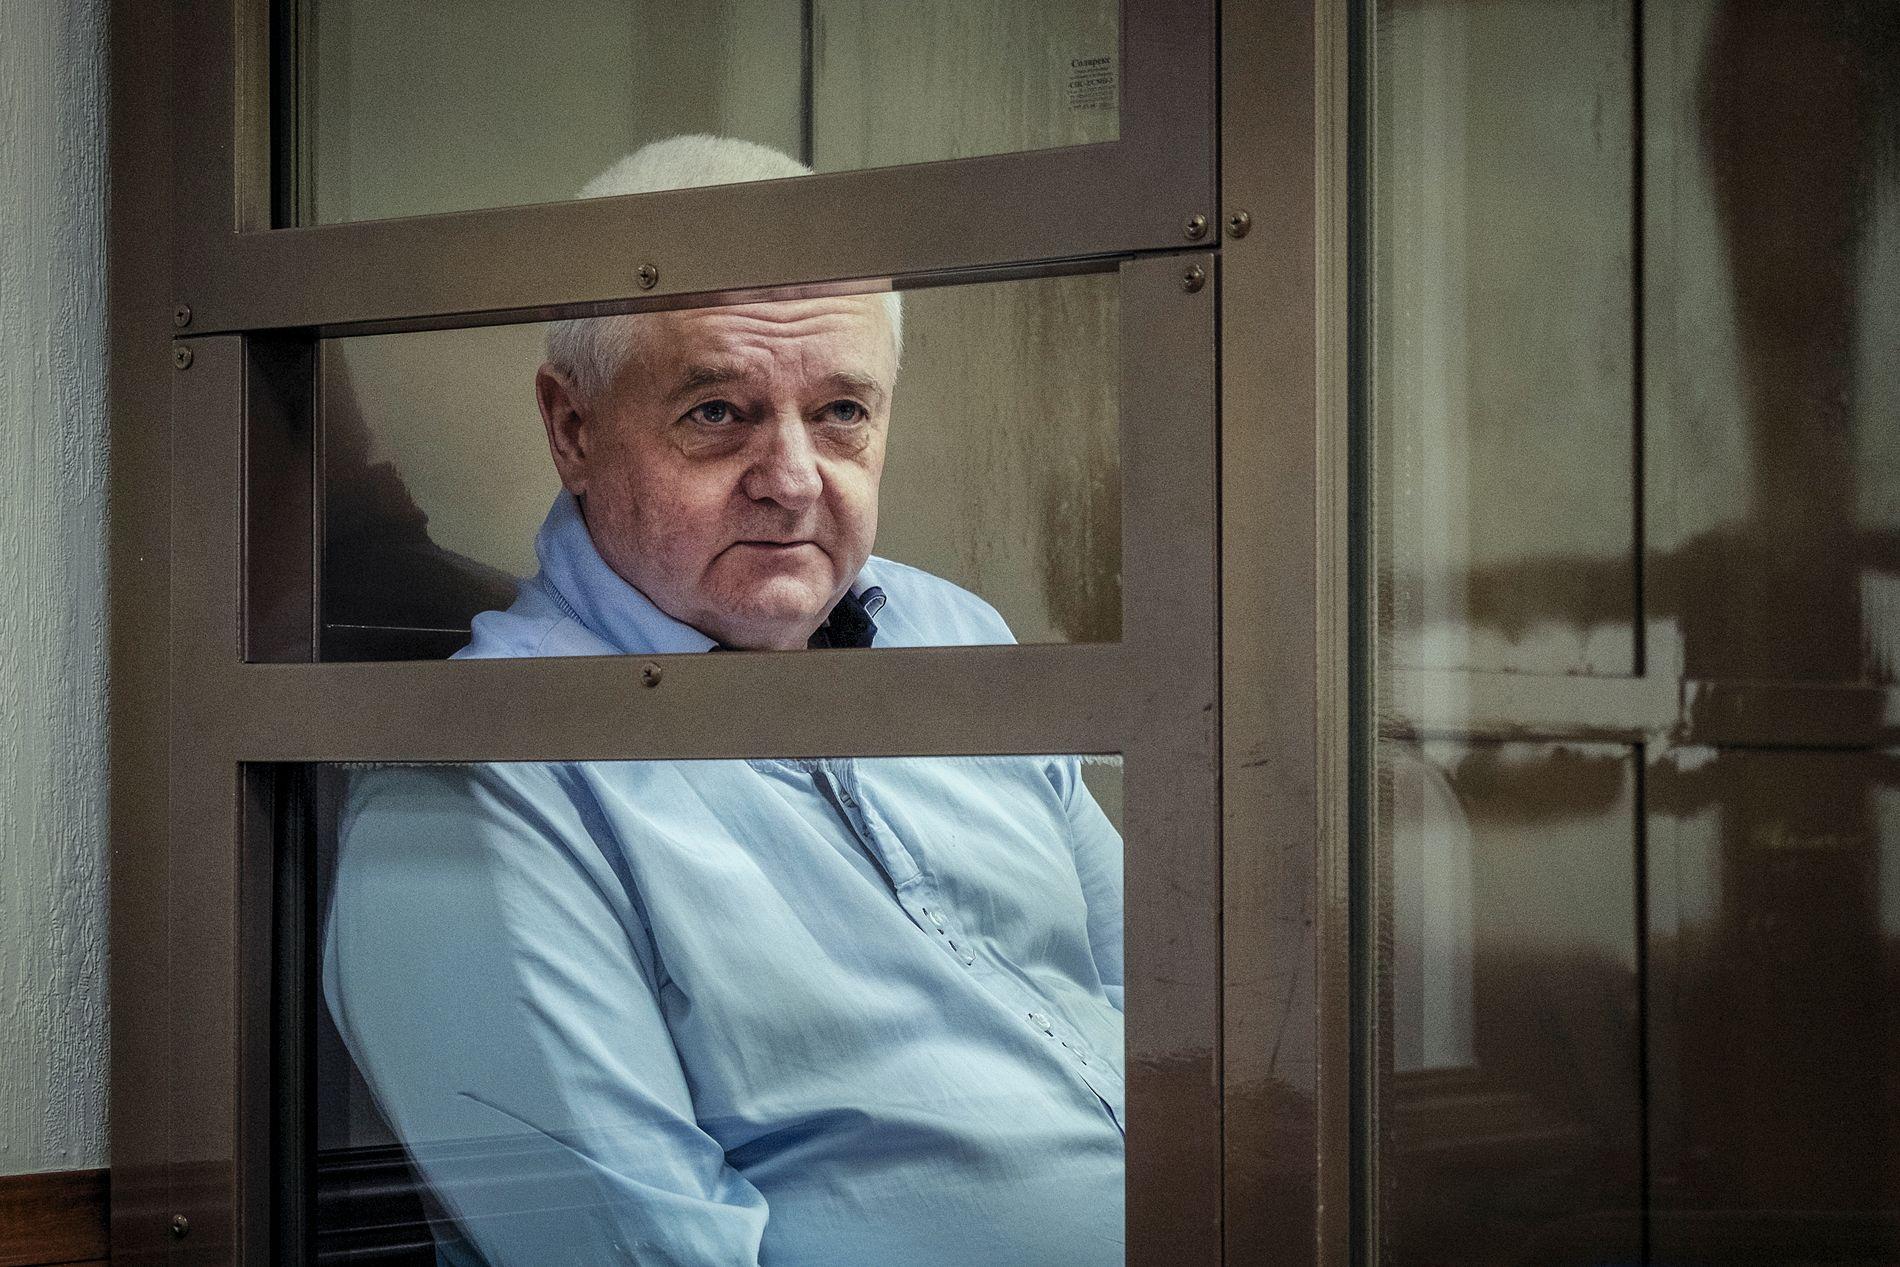 VENTER: Frode Berg har sittet i fengsel siden desember 2017. Om kort tid skal dommen komme.